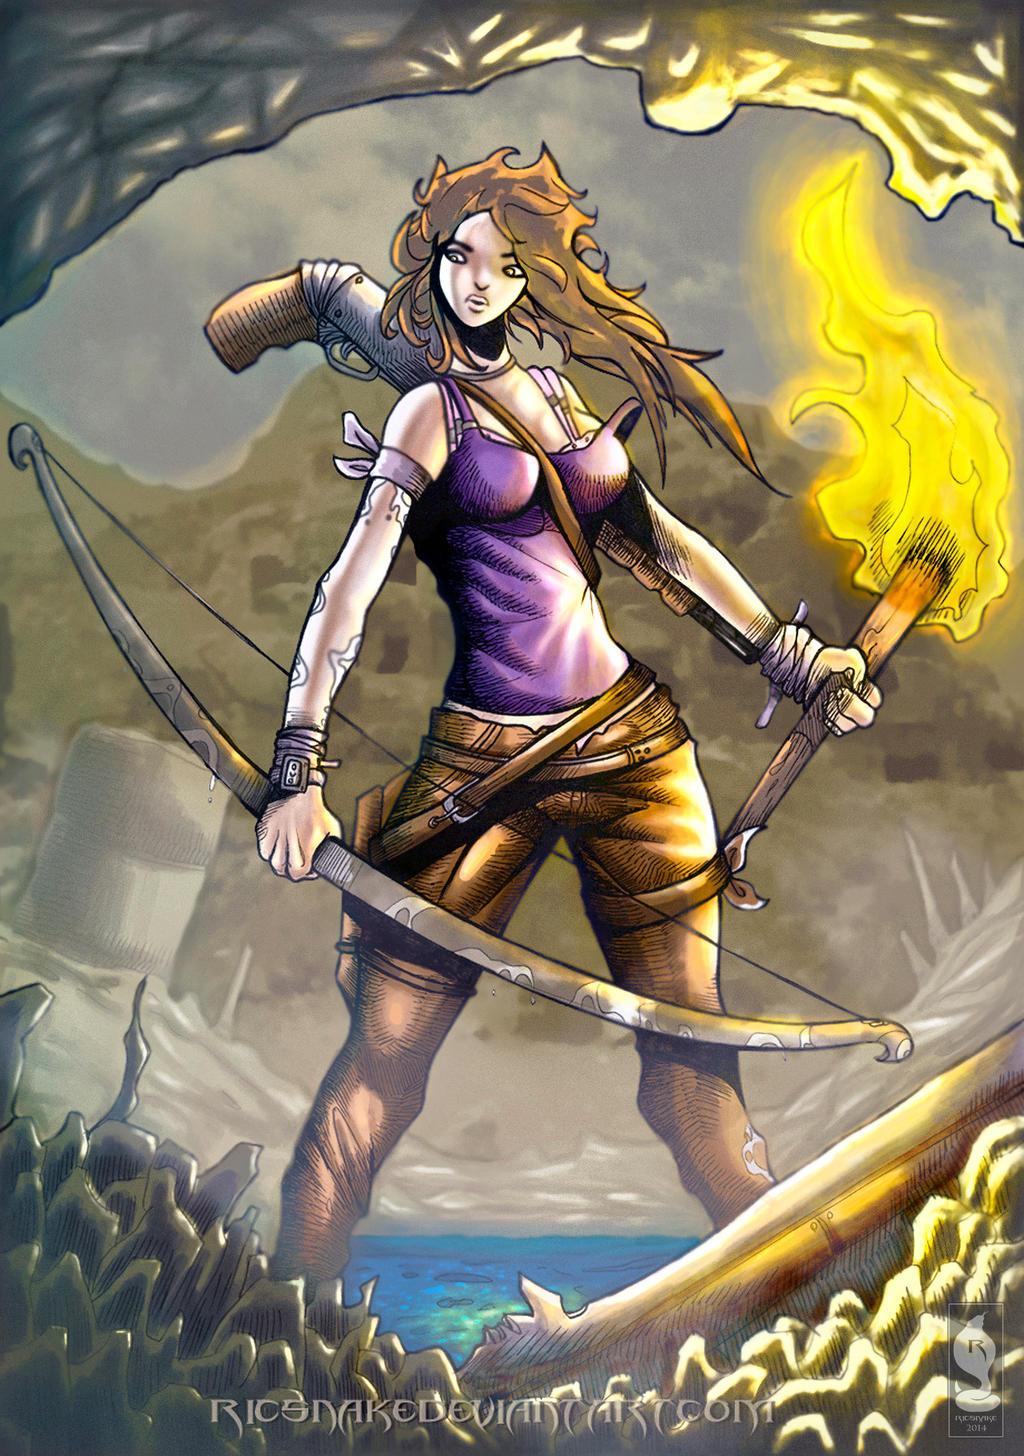 Lara croft contest DA by Ricsnake